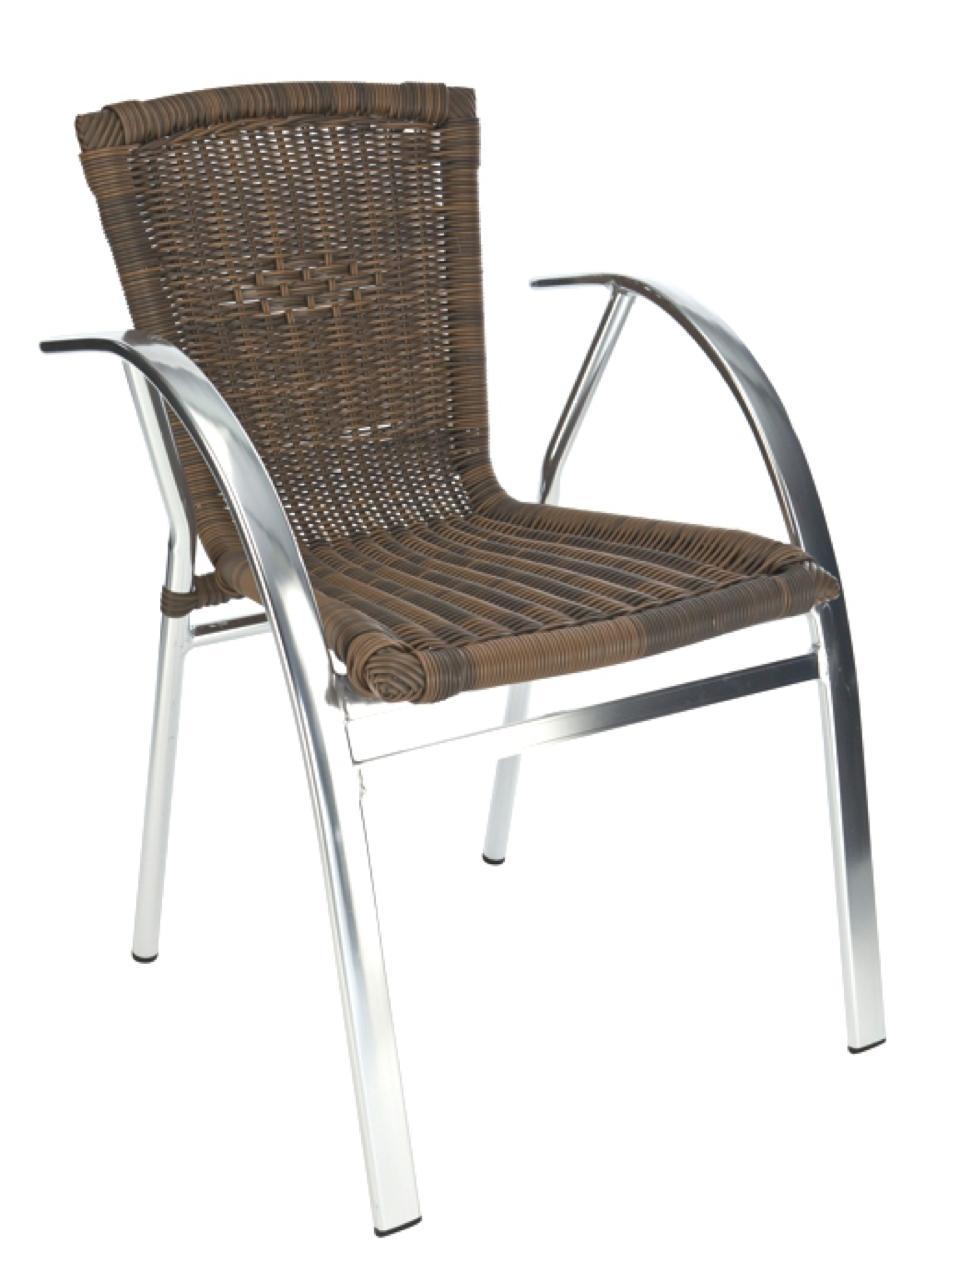 flexmob chaise de terrasse saint tropez burodepo meubles et mobilier de bureau neufs et. Black Bedroom Furniture Sets. Home Design Ideas